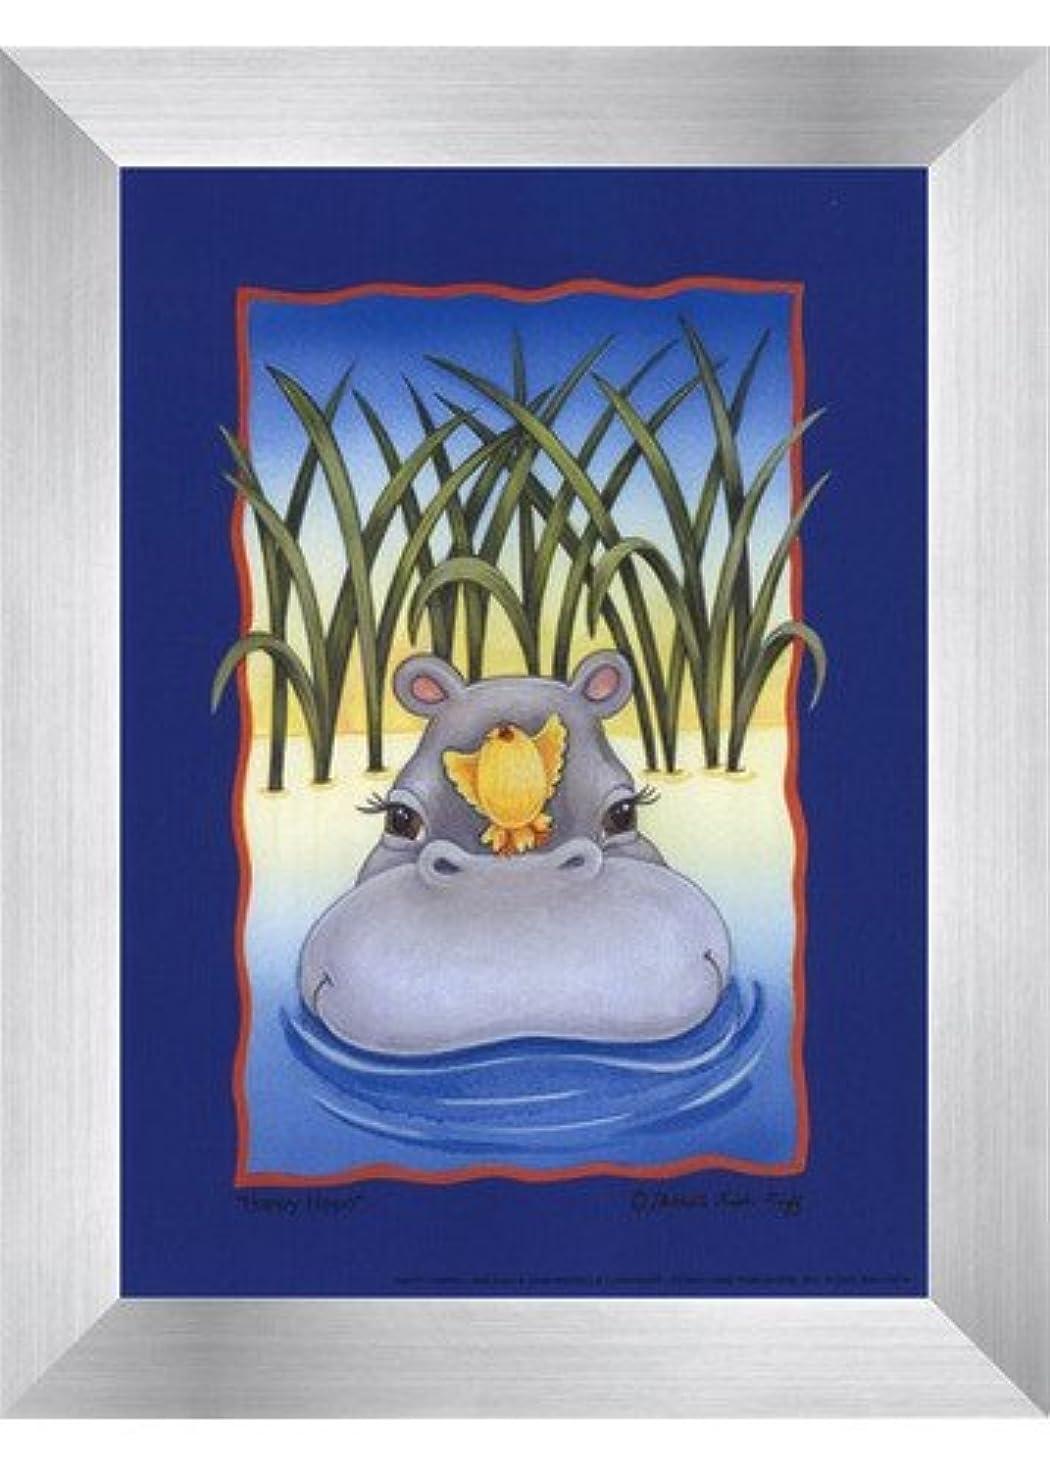 通訳娯楽ビタミンHappy Hippo by Michelle lash- Ruff – 5 x 7インチ – アートプリントポスター LE_614322-F9935-5x7